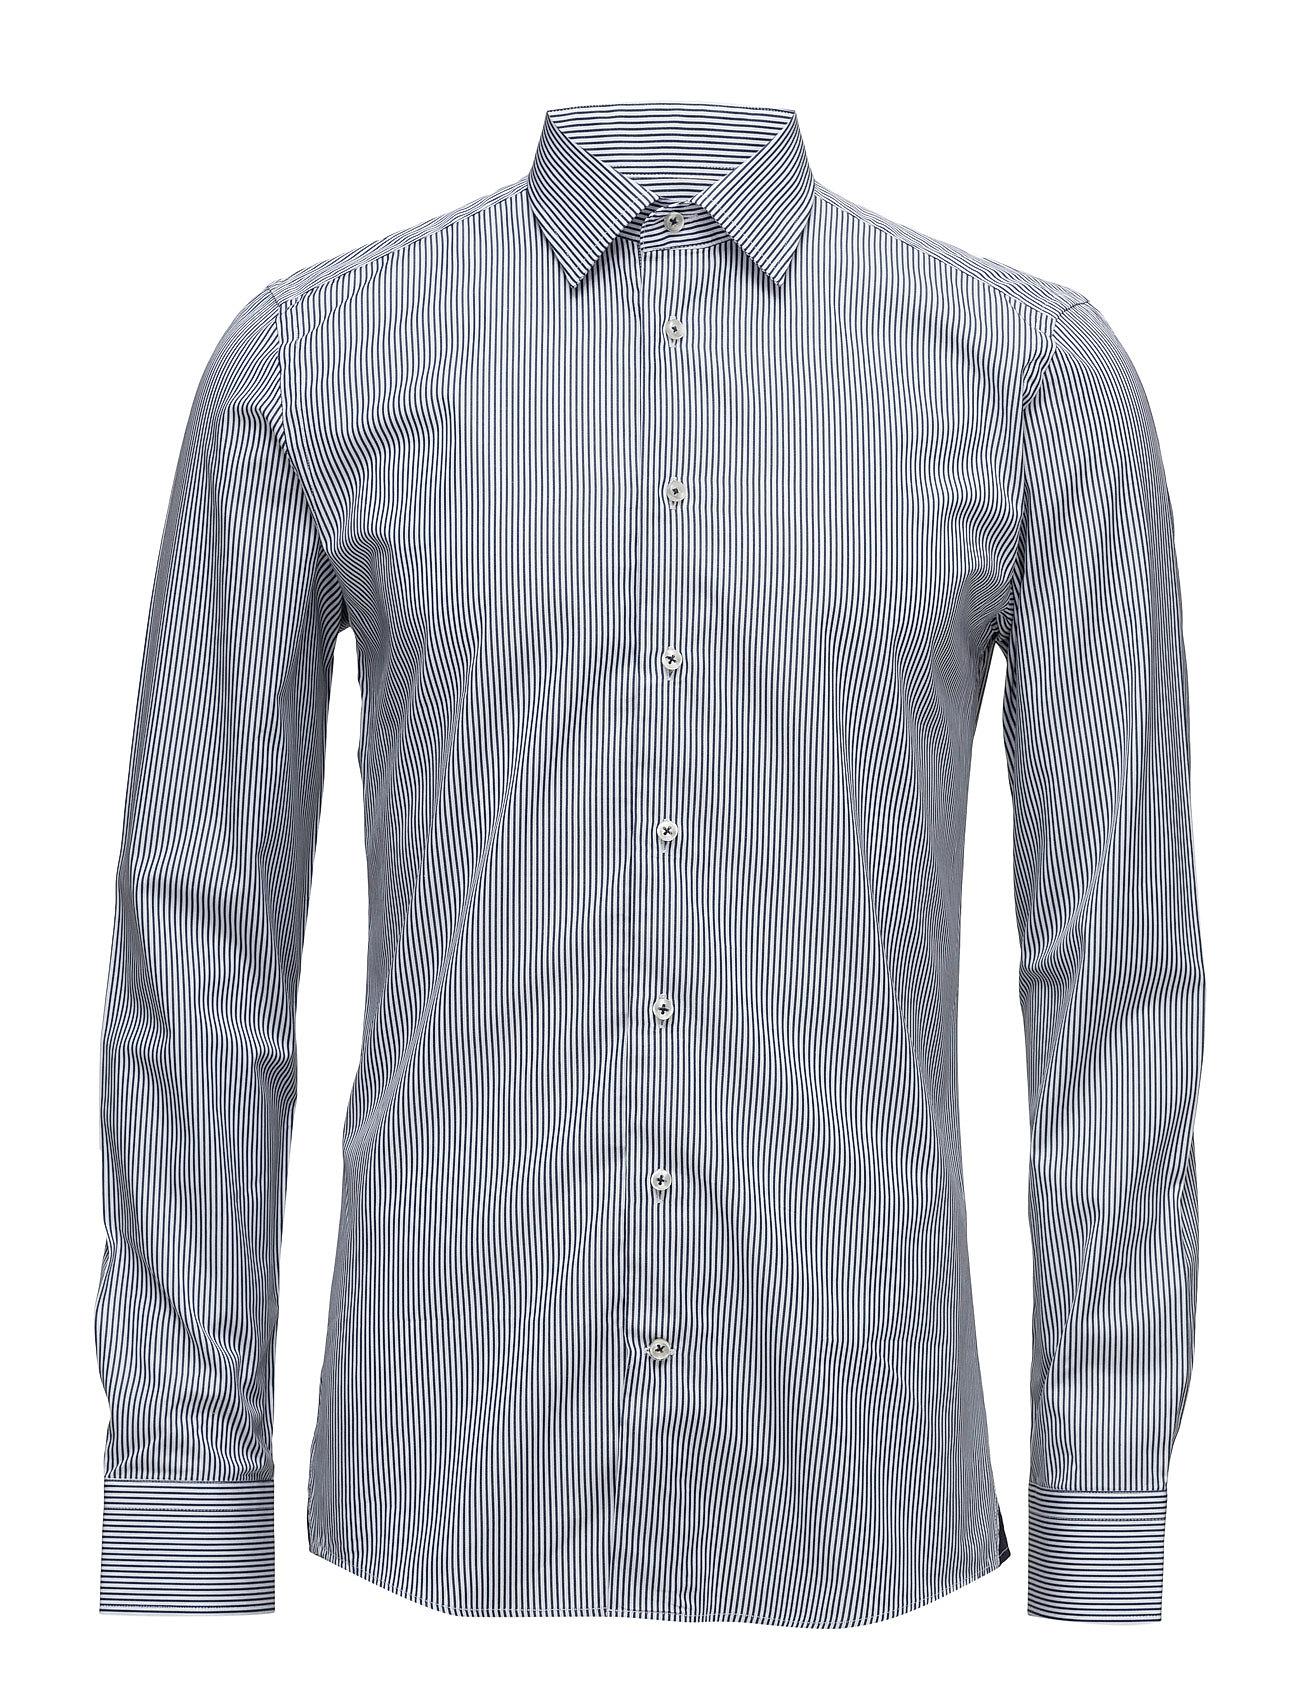 xo shirtmaker 8825 - jake sc på boozt.com dk